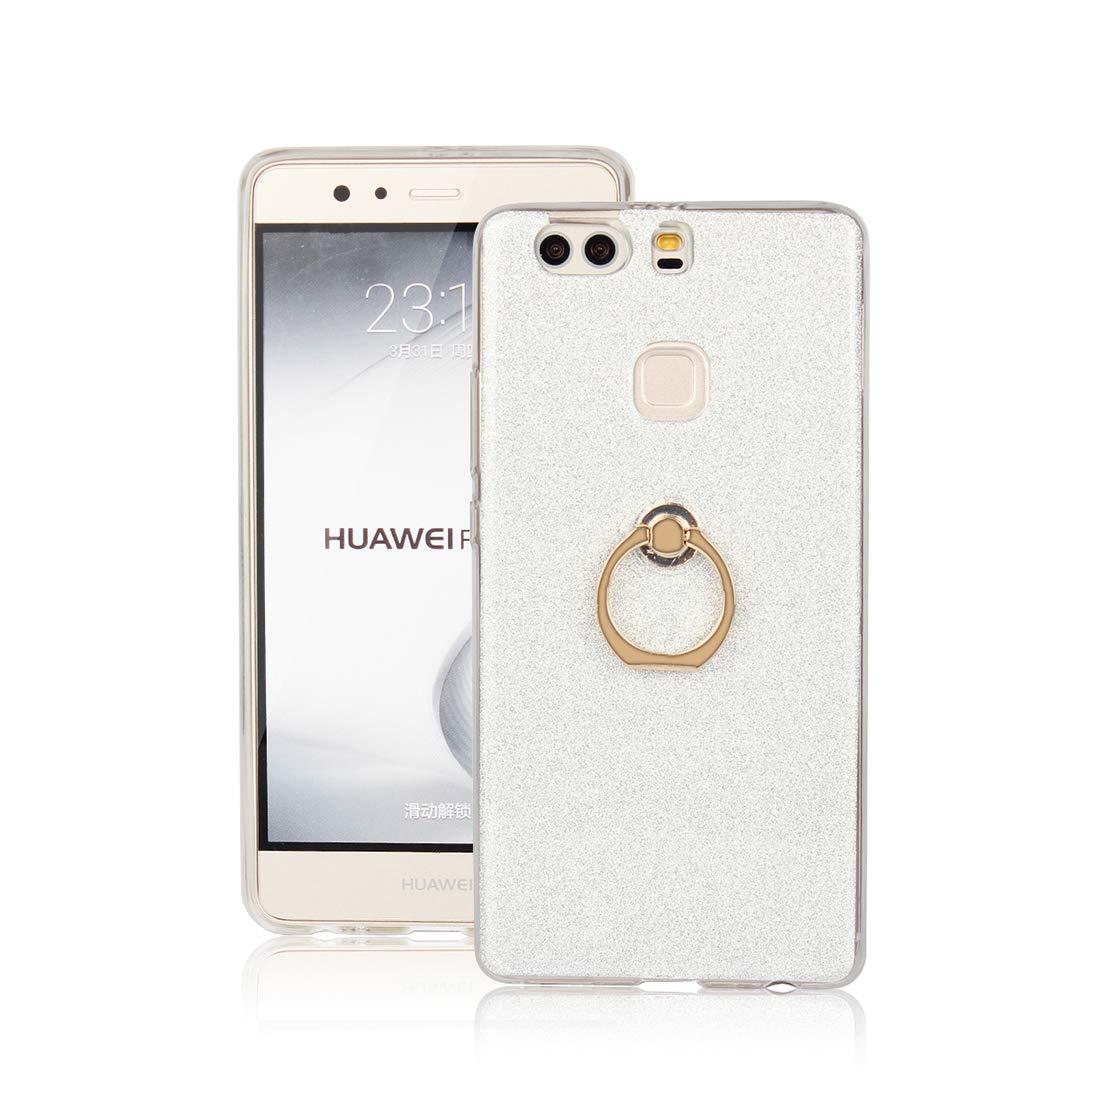 Cover Huawei P9 Plus, Lyzwn Case Cover di Alta Qualità in Silicone TPU Bumpe Custodia con Glitter Bling Scintillante Brillantini per Donna per Ragazze e Lucida Custodia